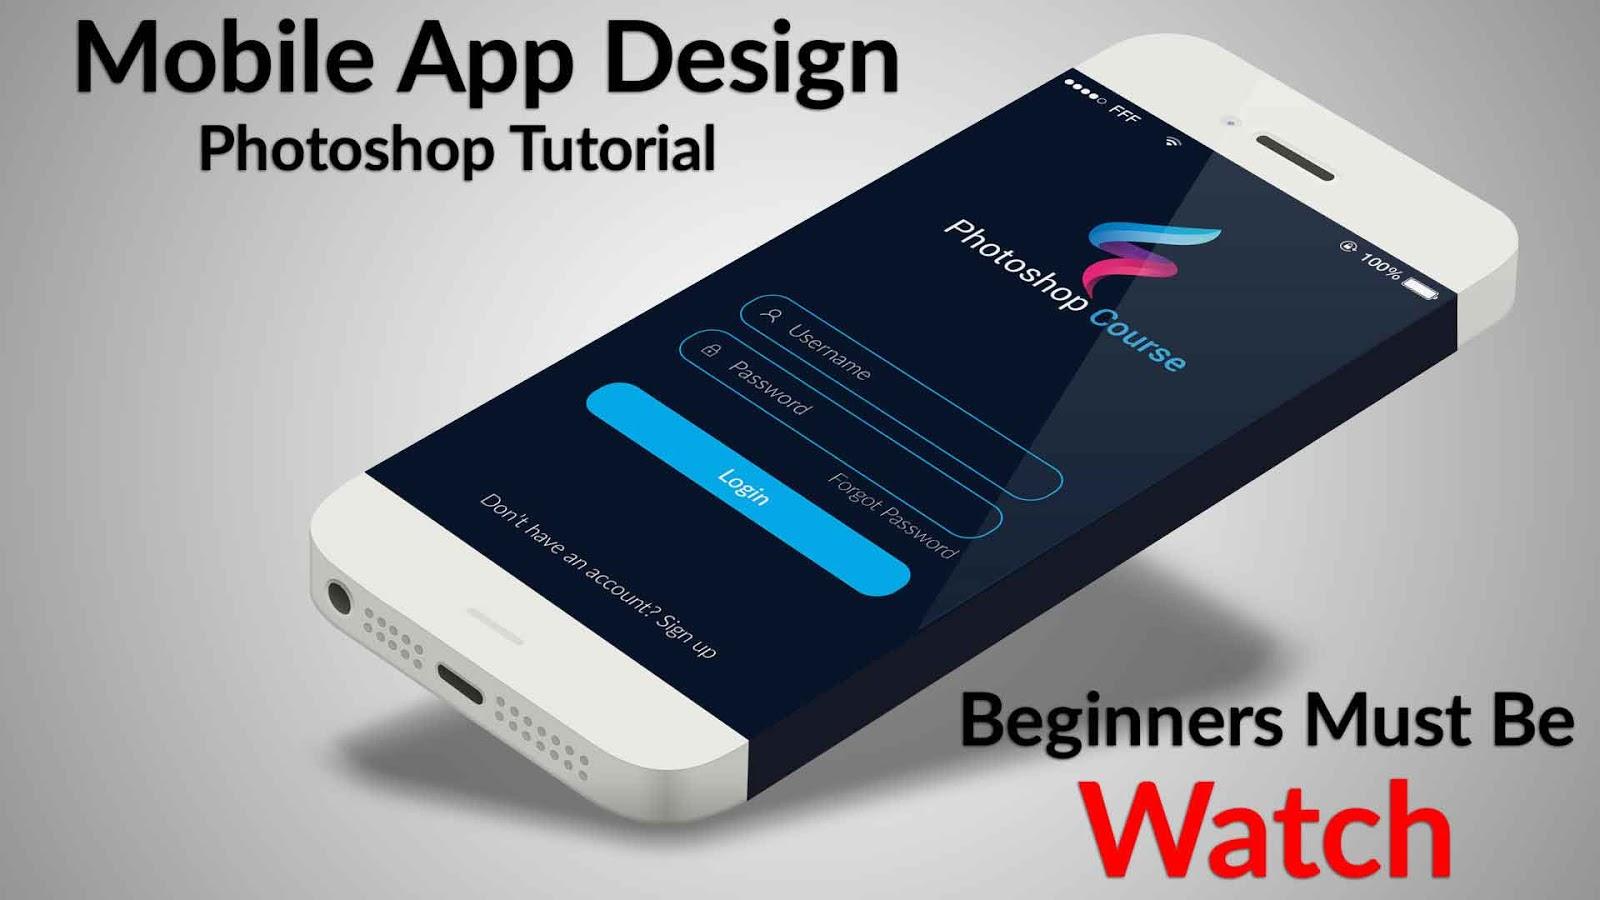 Mobile app design tutorial uiux design how to design a user mobile app design tutorial uiux design how to design a user interface baditri Gallery